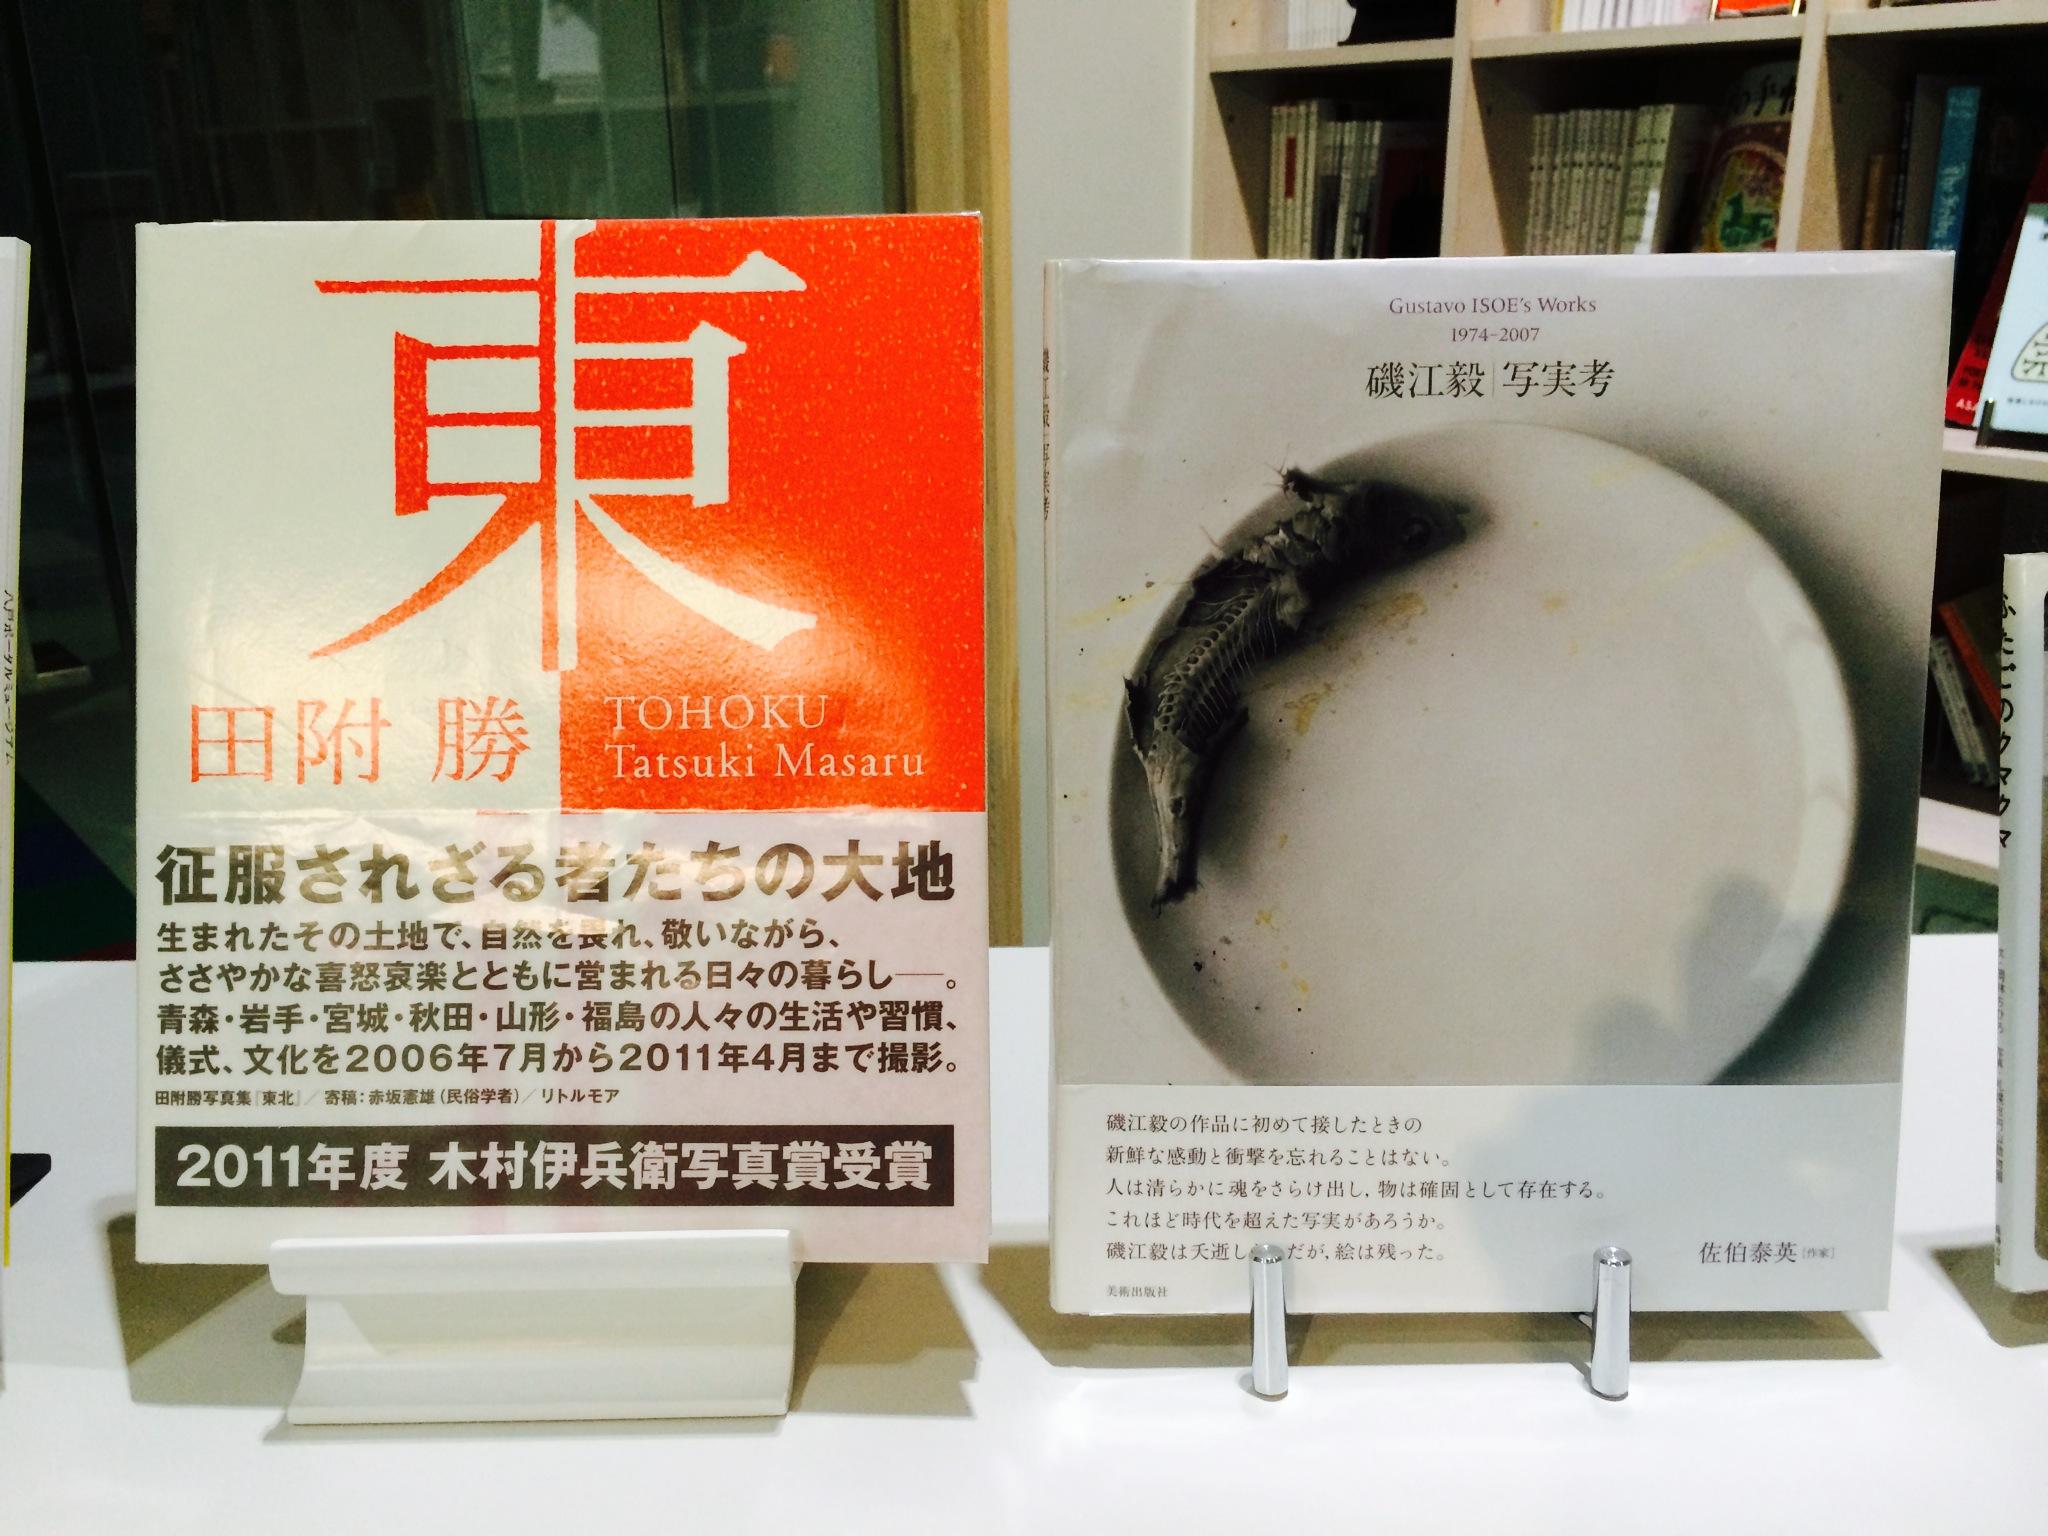 http://hacchi.jp/blog/upload/images/20140108-5.JPG